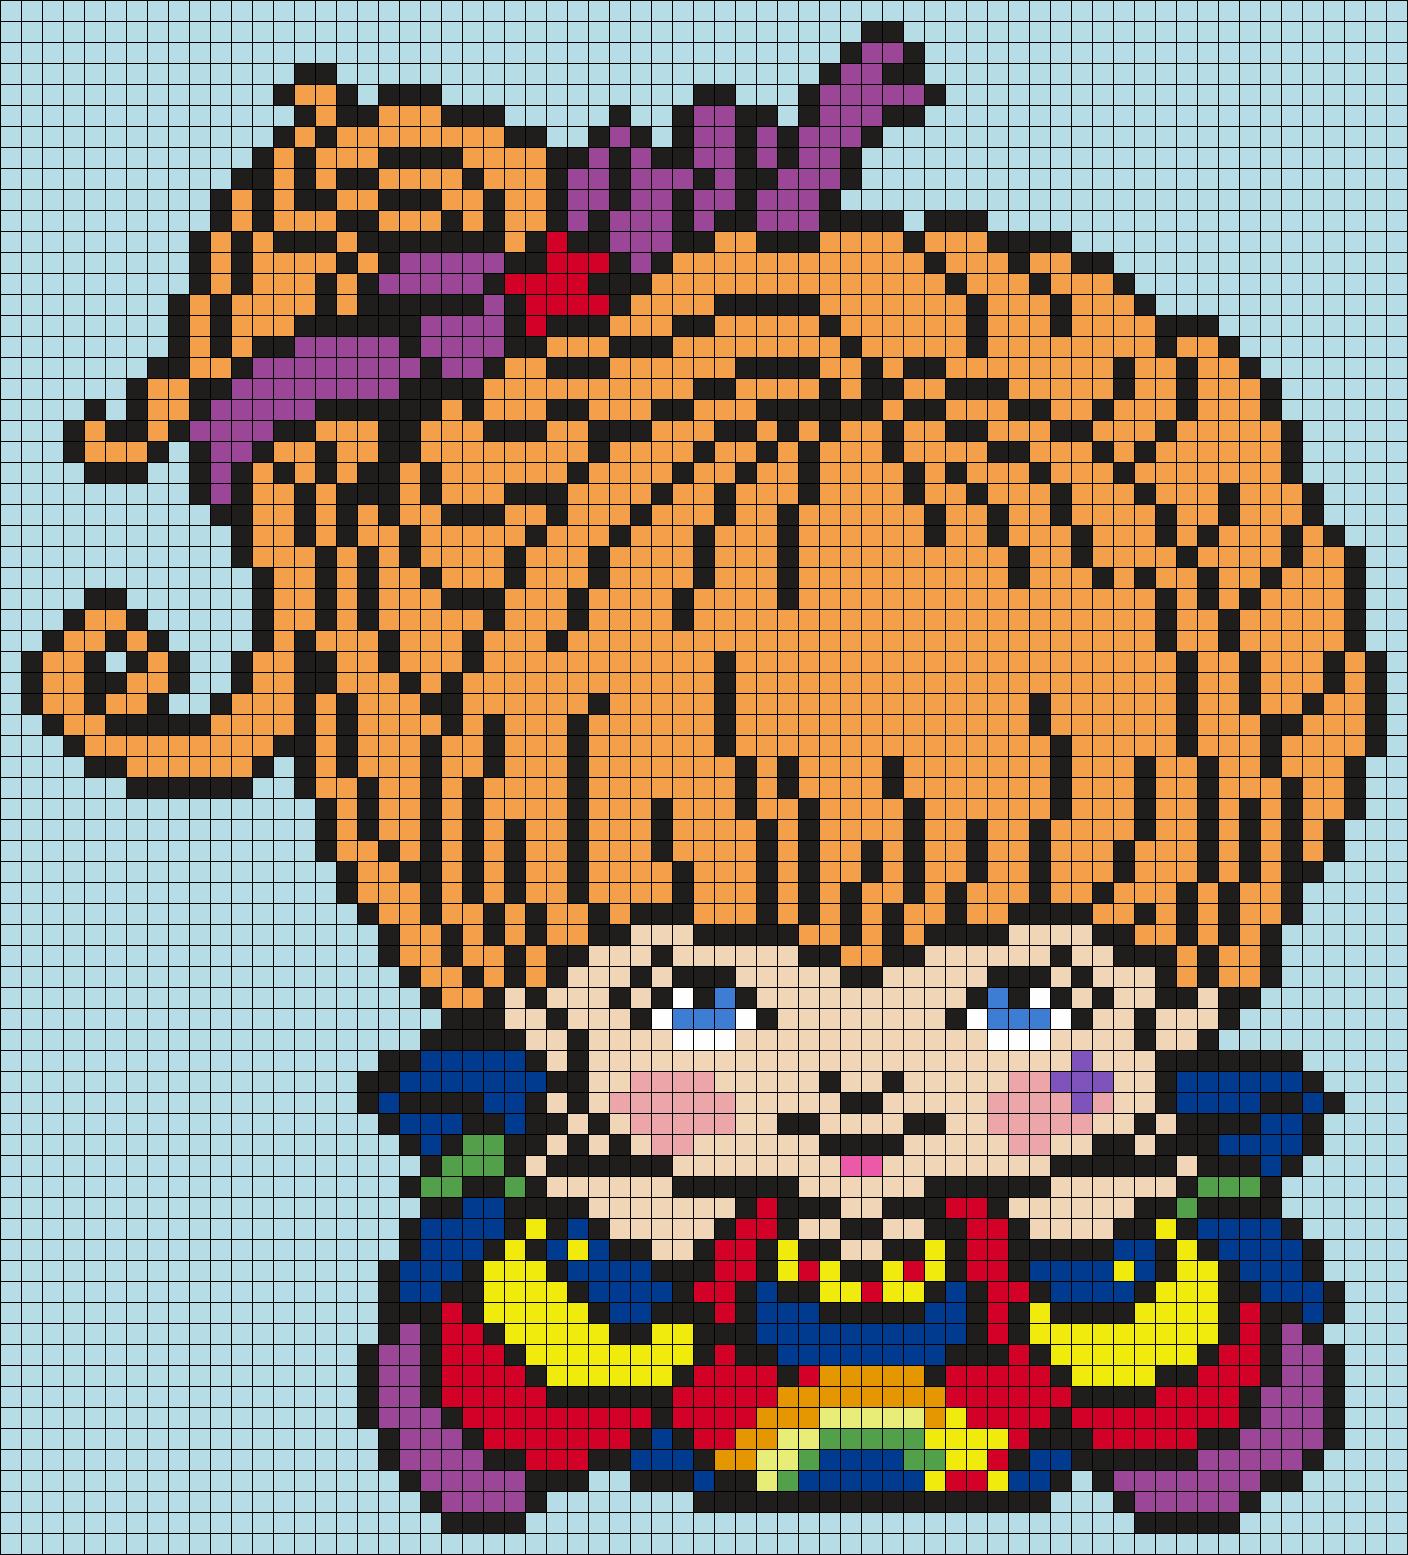 Rainbow Brite (Square)